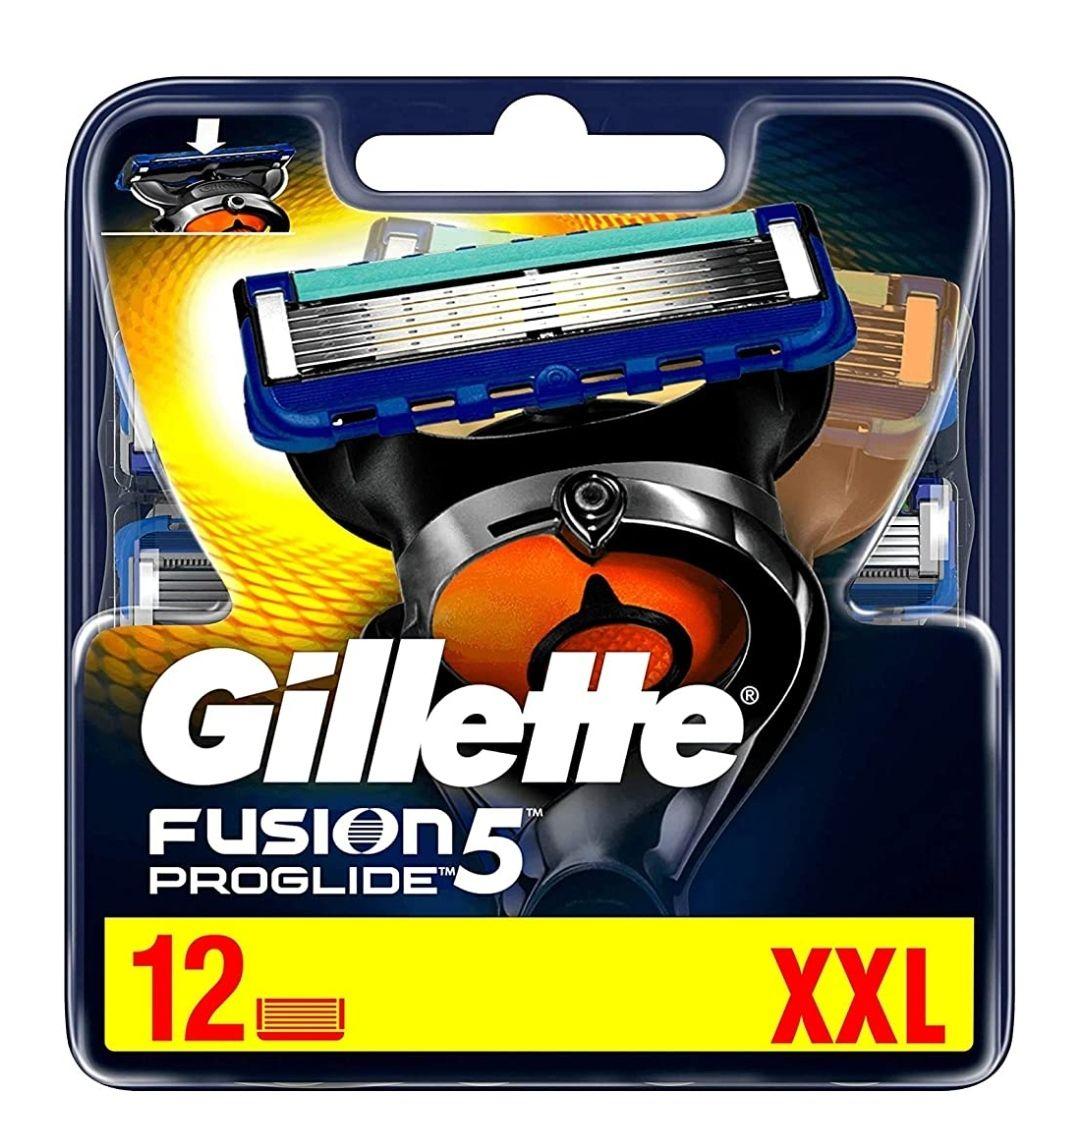 Gillette Fusion 5 Proglide 12 Stk. Rasierklingen bei Amazon im Sparabo für ALLE für 23,97€